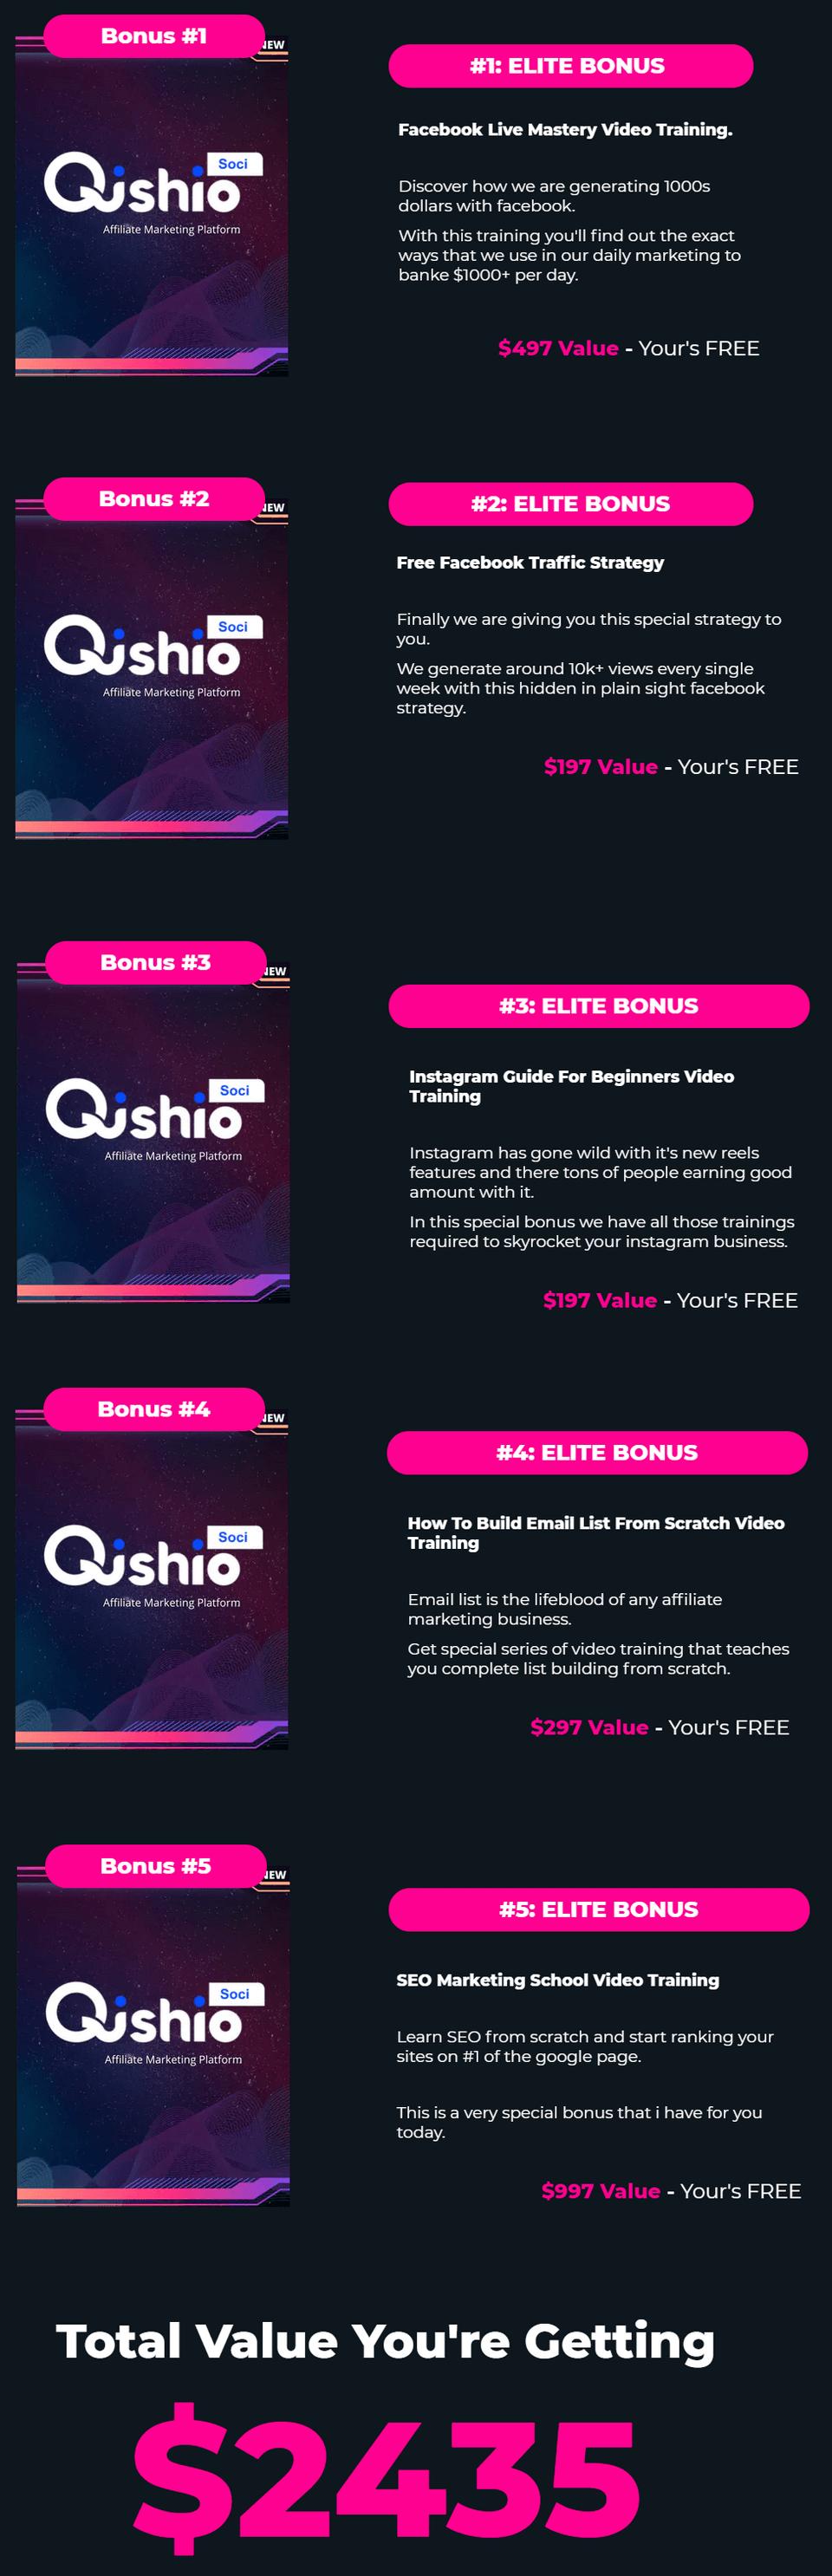 QishioSoci-bonus